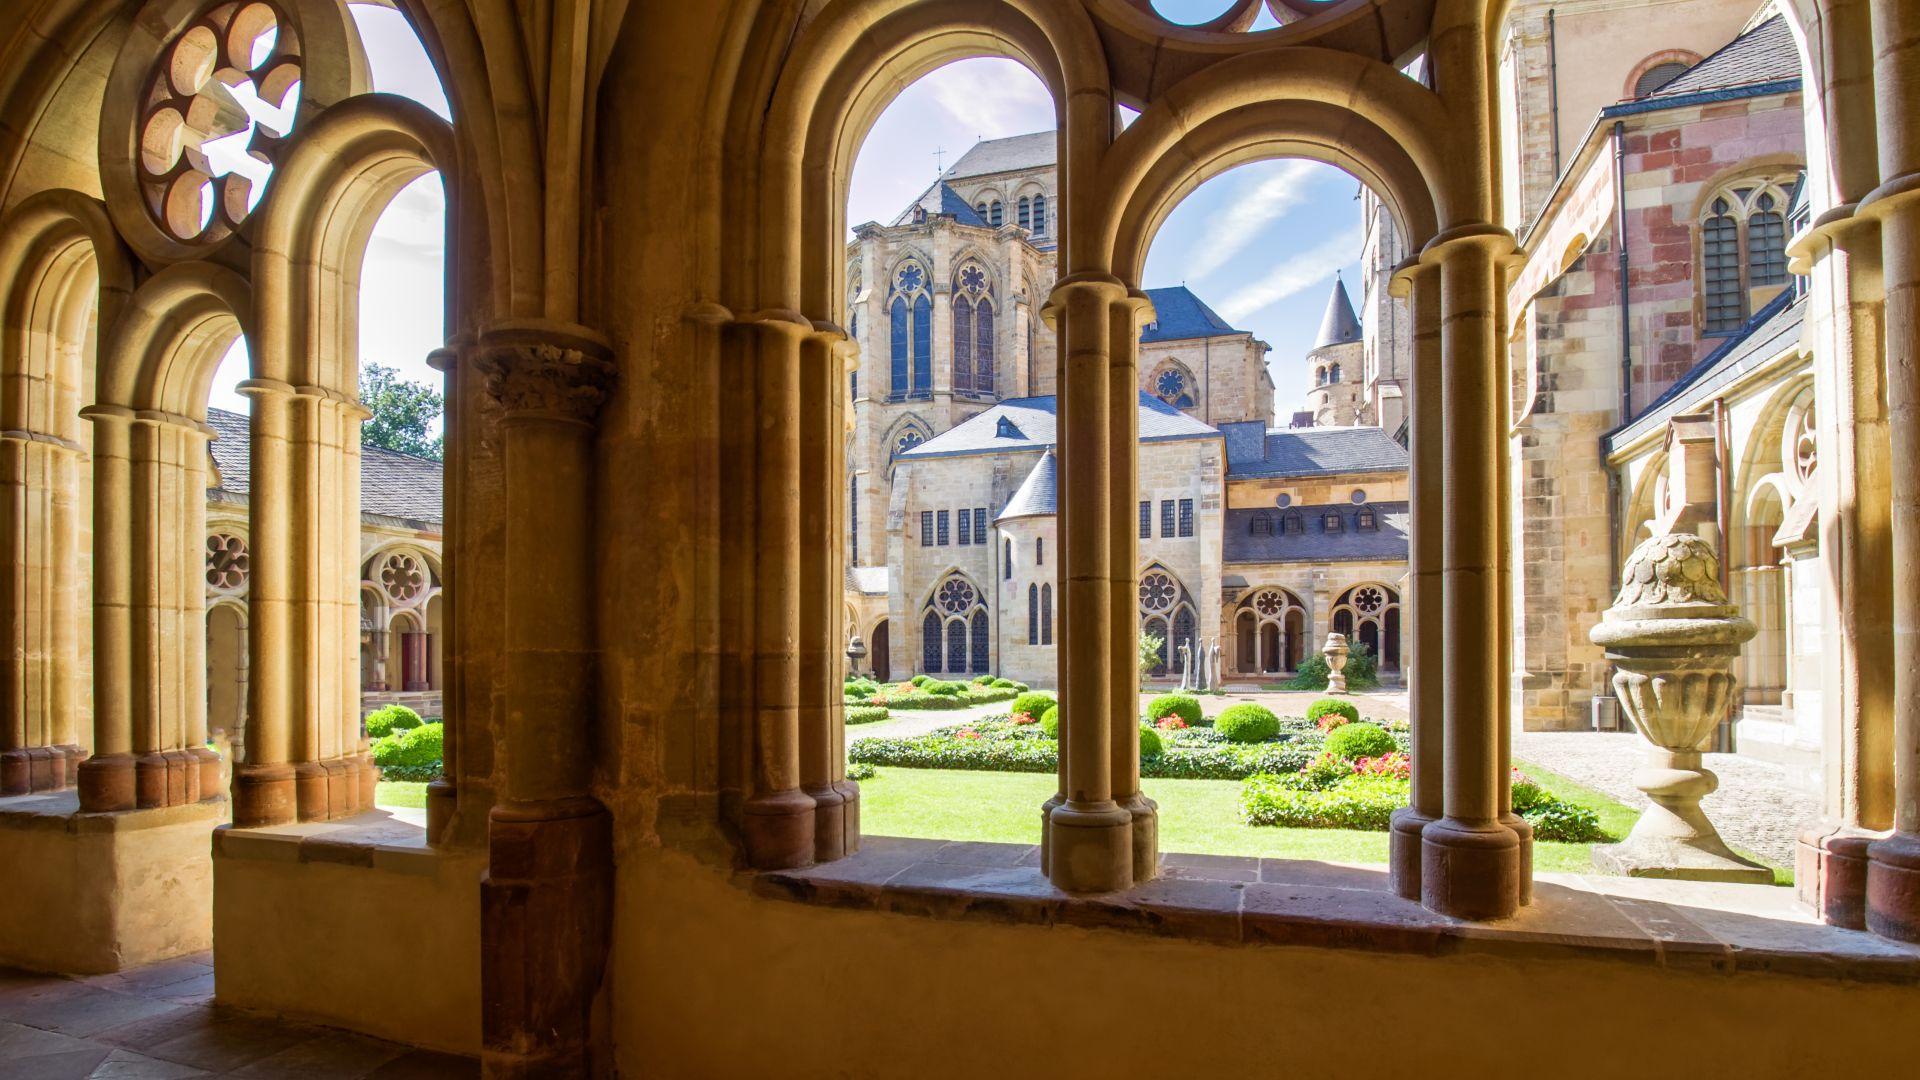 Trier: Hohe Domkirche St. Peter, Innenhof, UNESCO Weltkulturerbe